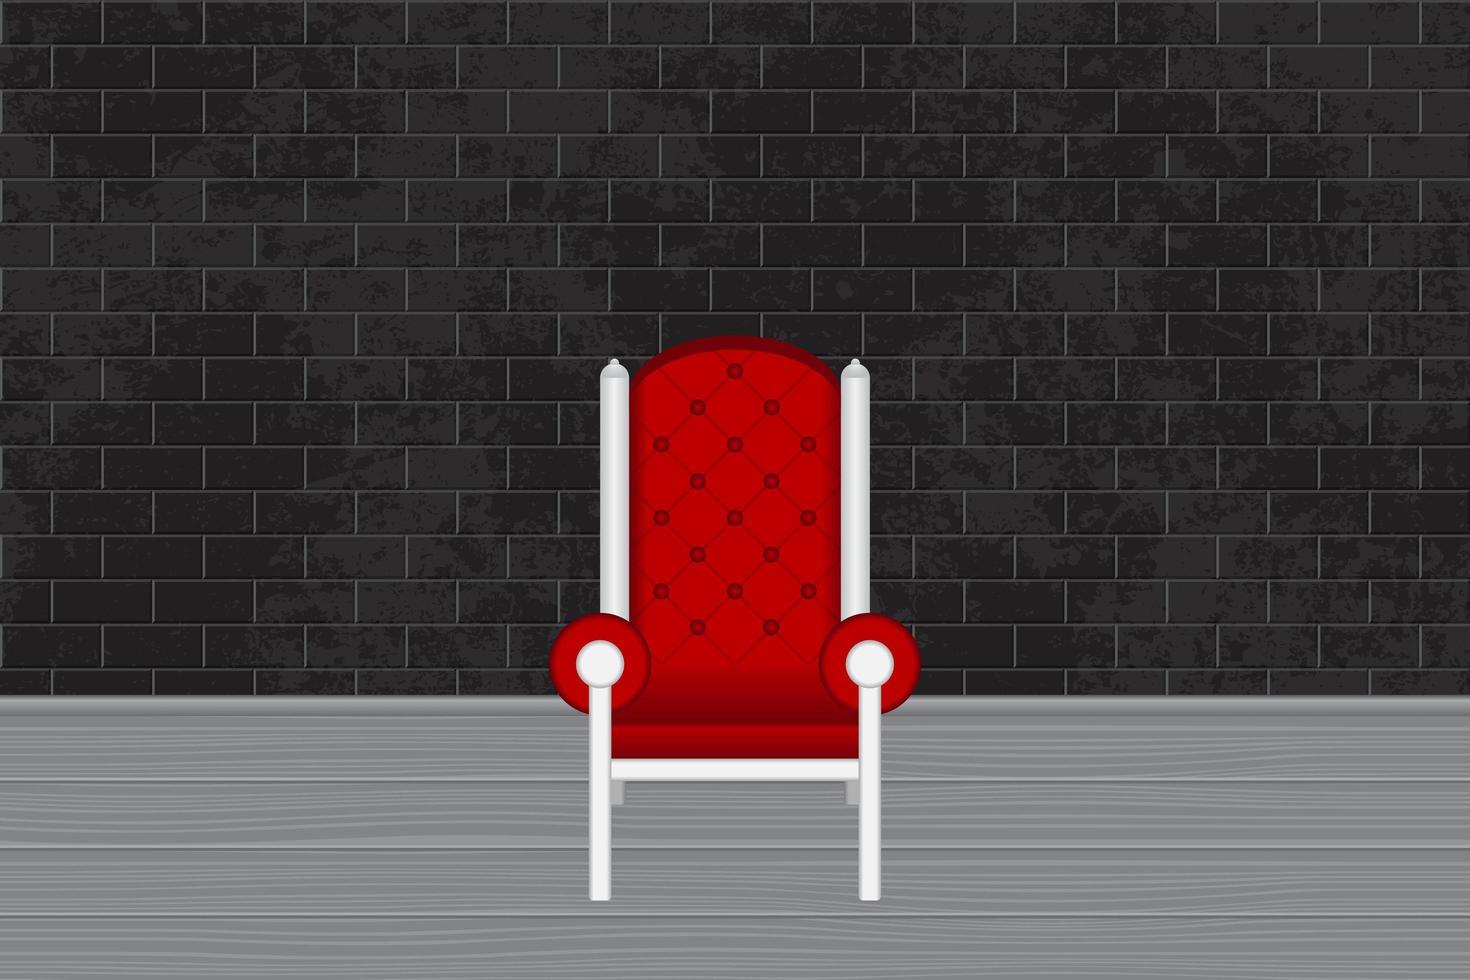 Fotostudio mit rotem Stuhl und grauer Backsteinmauer vektor